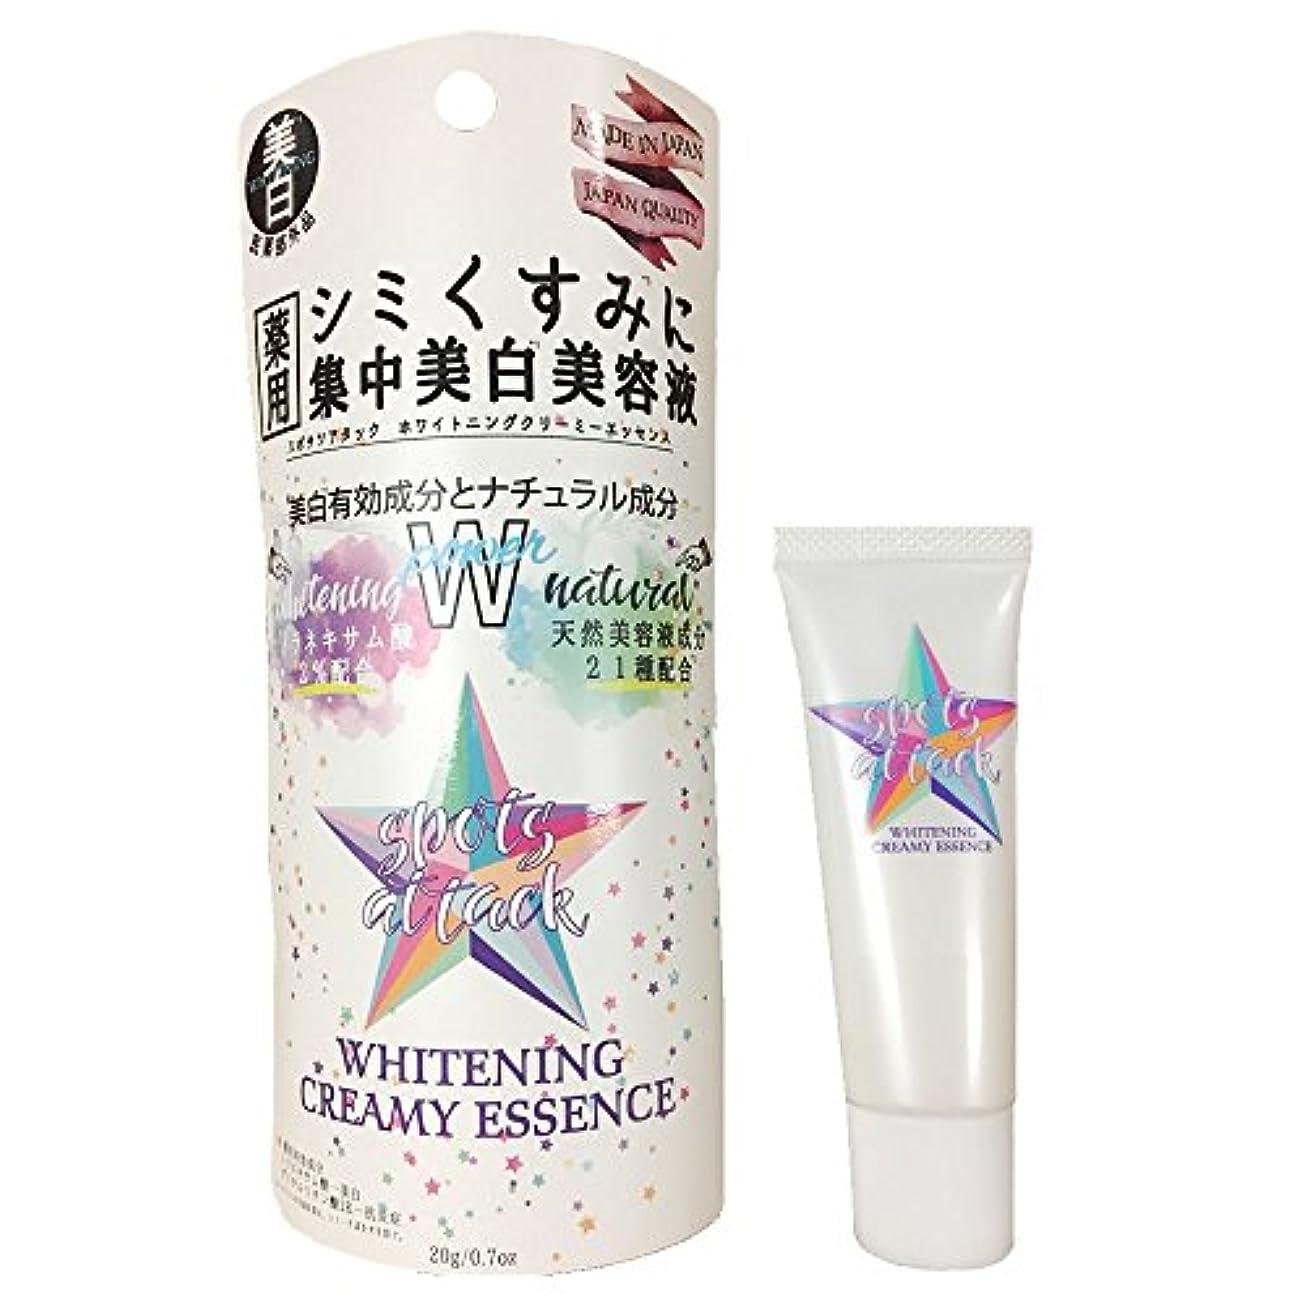 クリアハリケーン光電美白美容液 スポッツアタック ホワイトニングクリーミーエッセンス 20g